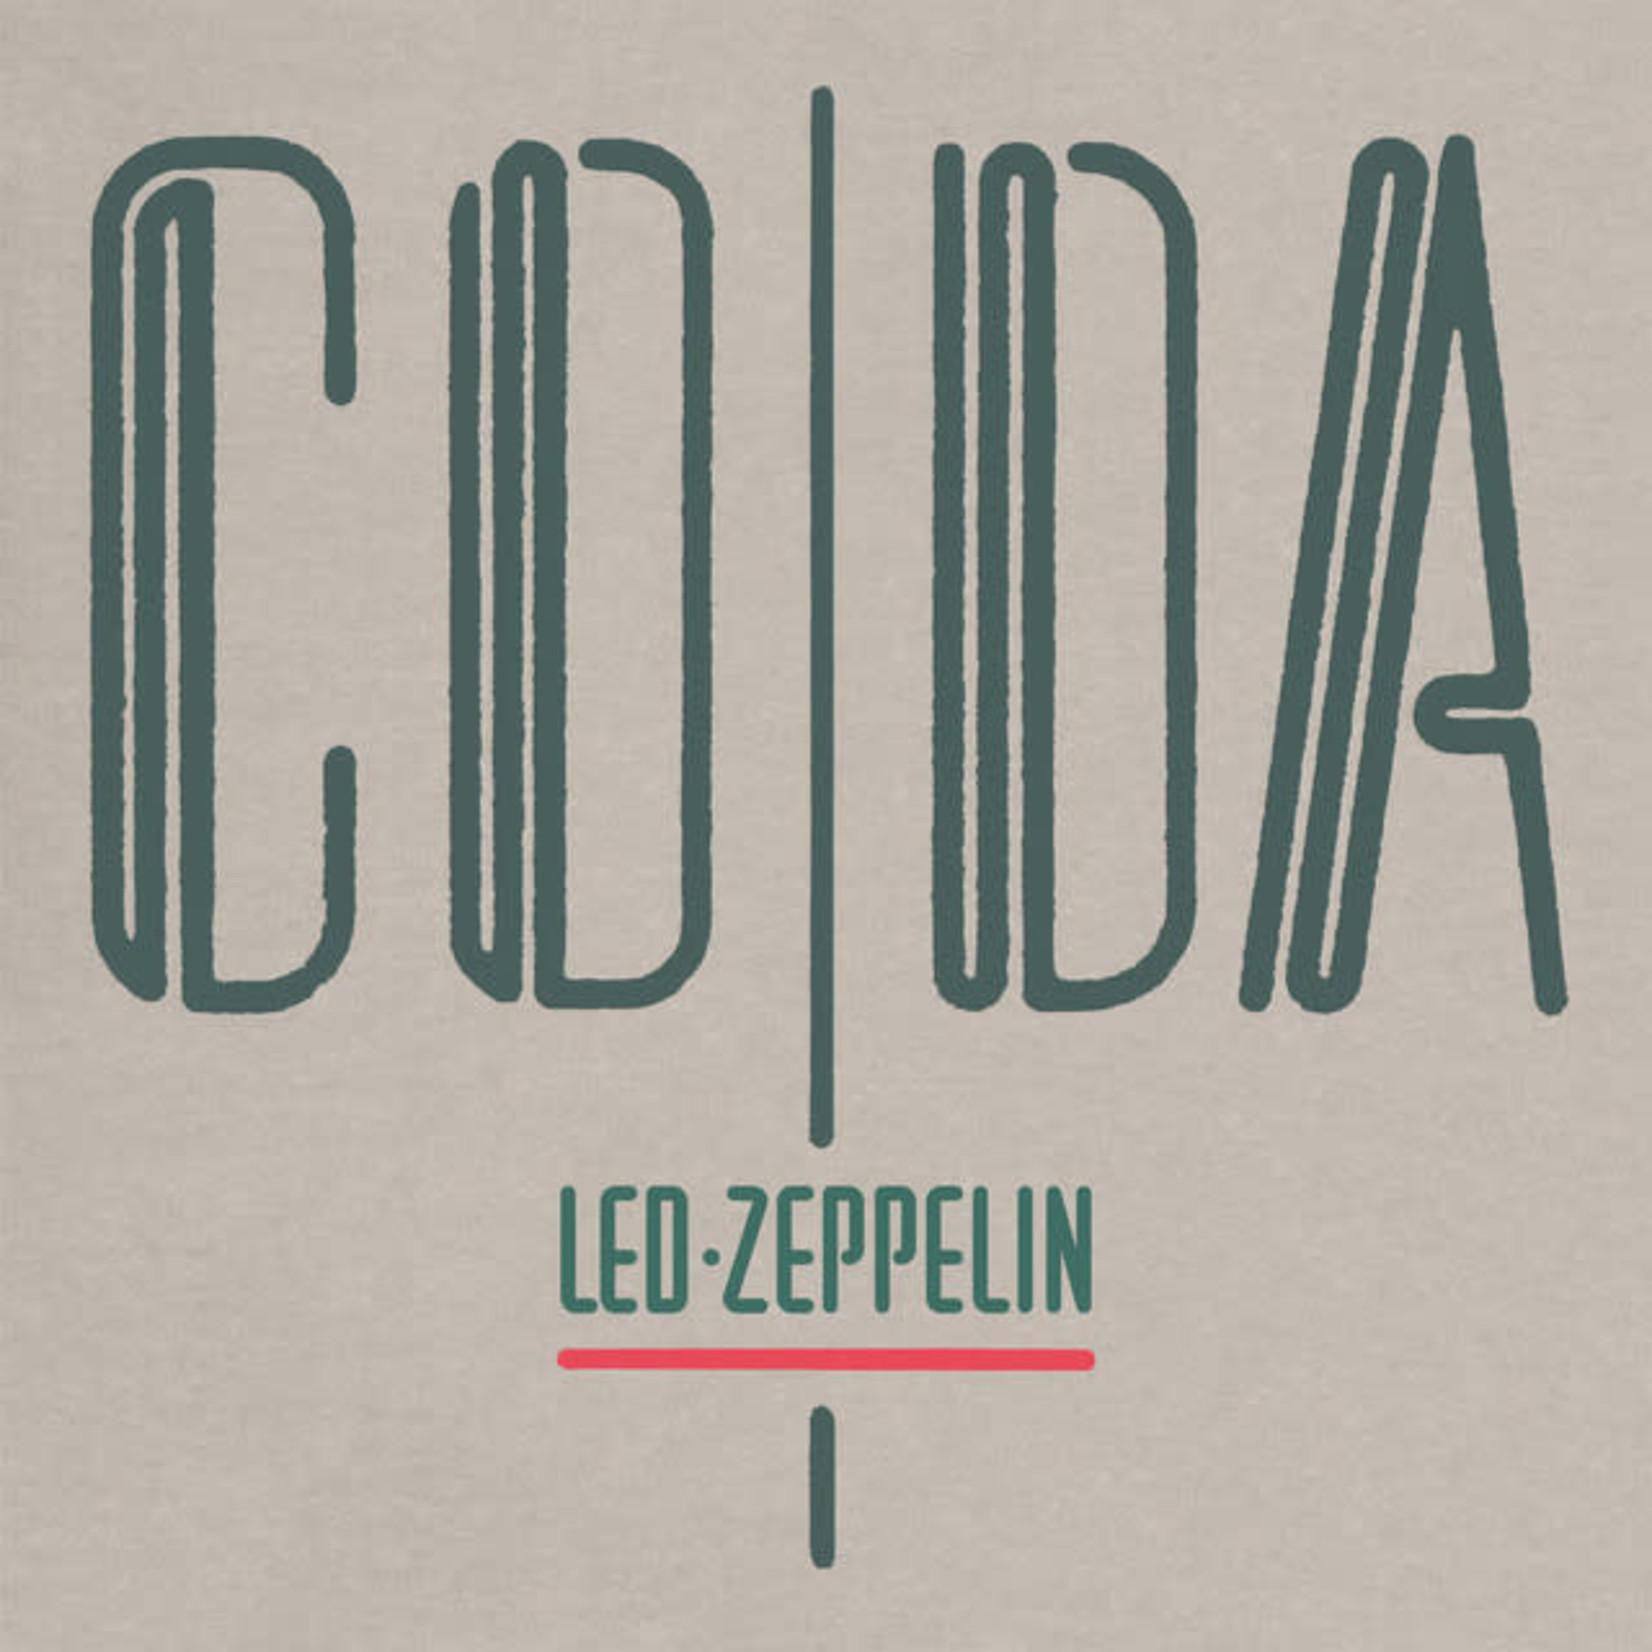 Vinyl Led Zeppelin - Coda [Deluxe Edition - 3 LPS]